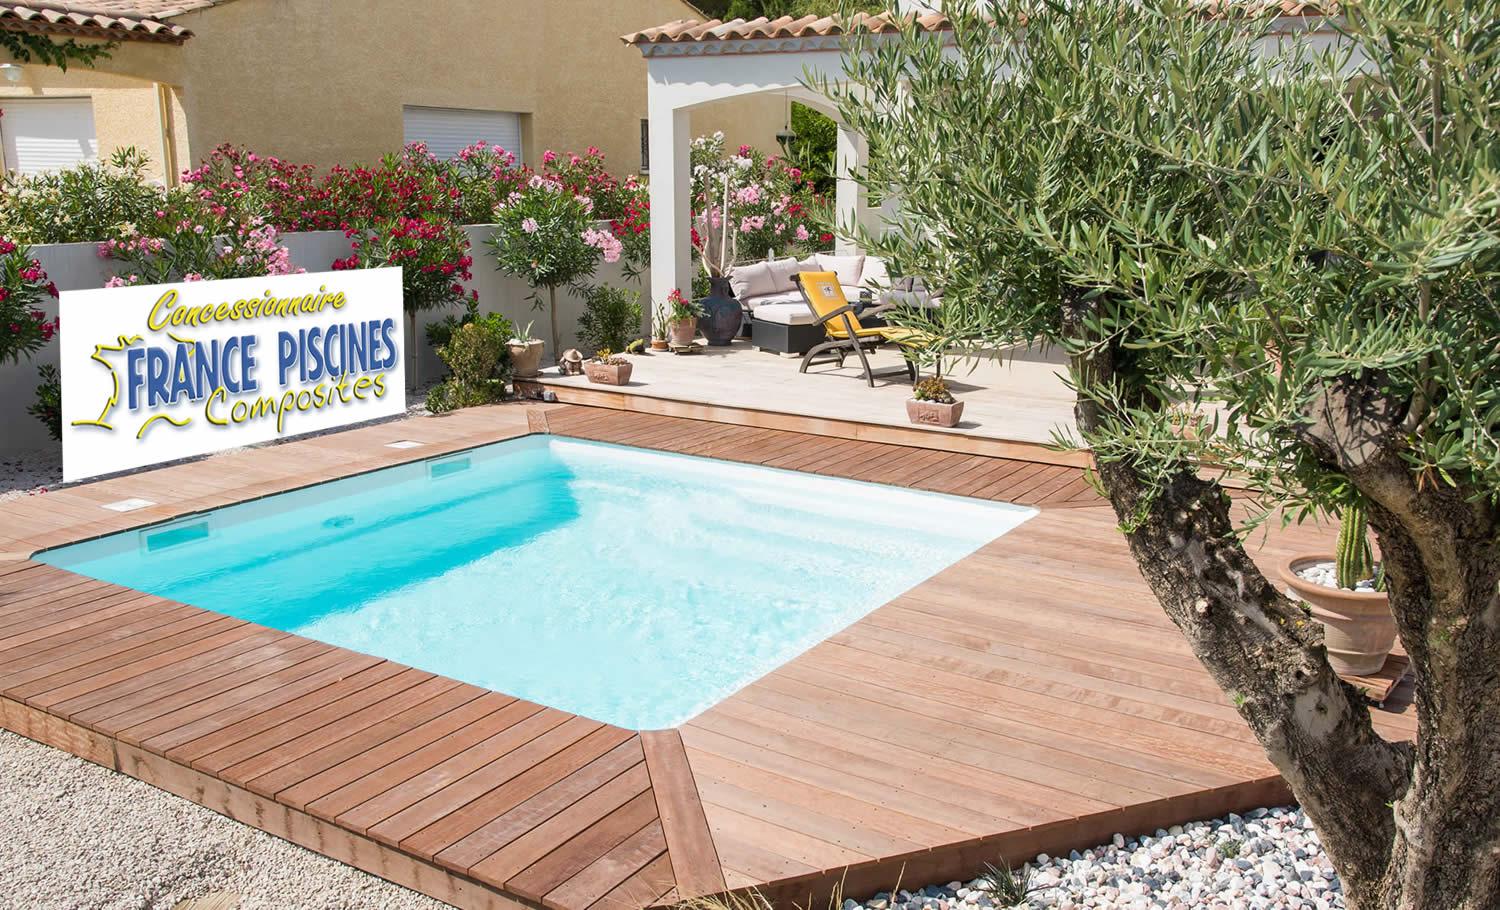 Vente De Piscine Et Spa Montbrison En Loire 42 : Loire ... intérieur Piscine Montbrison